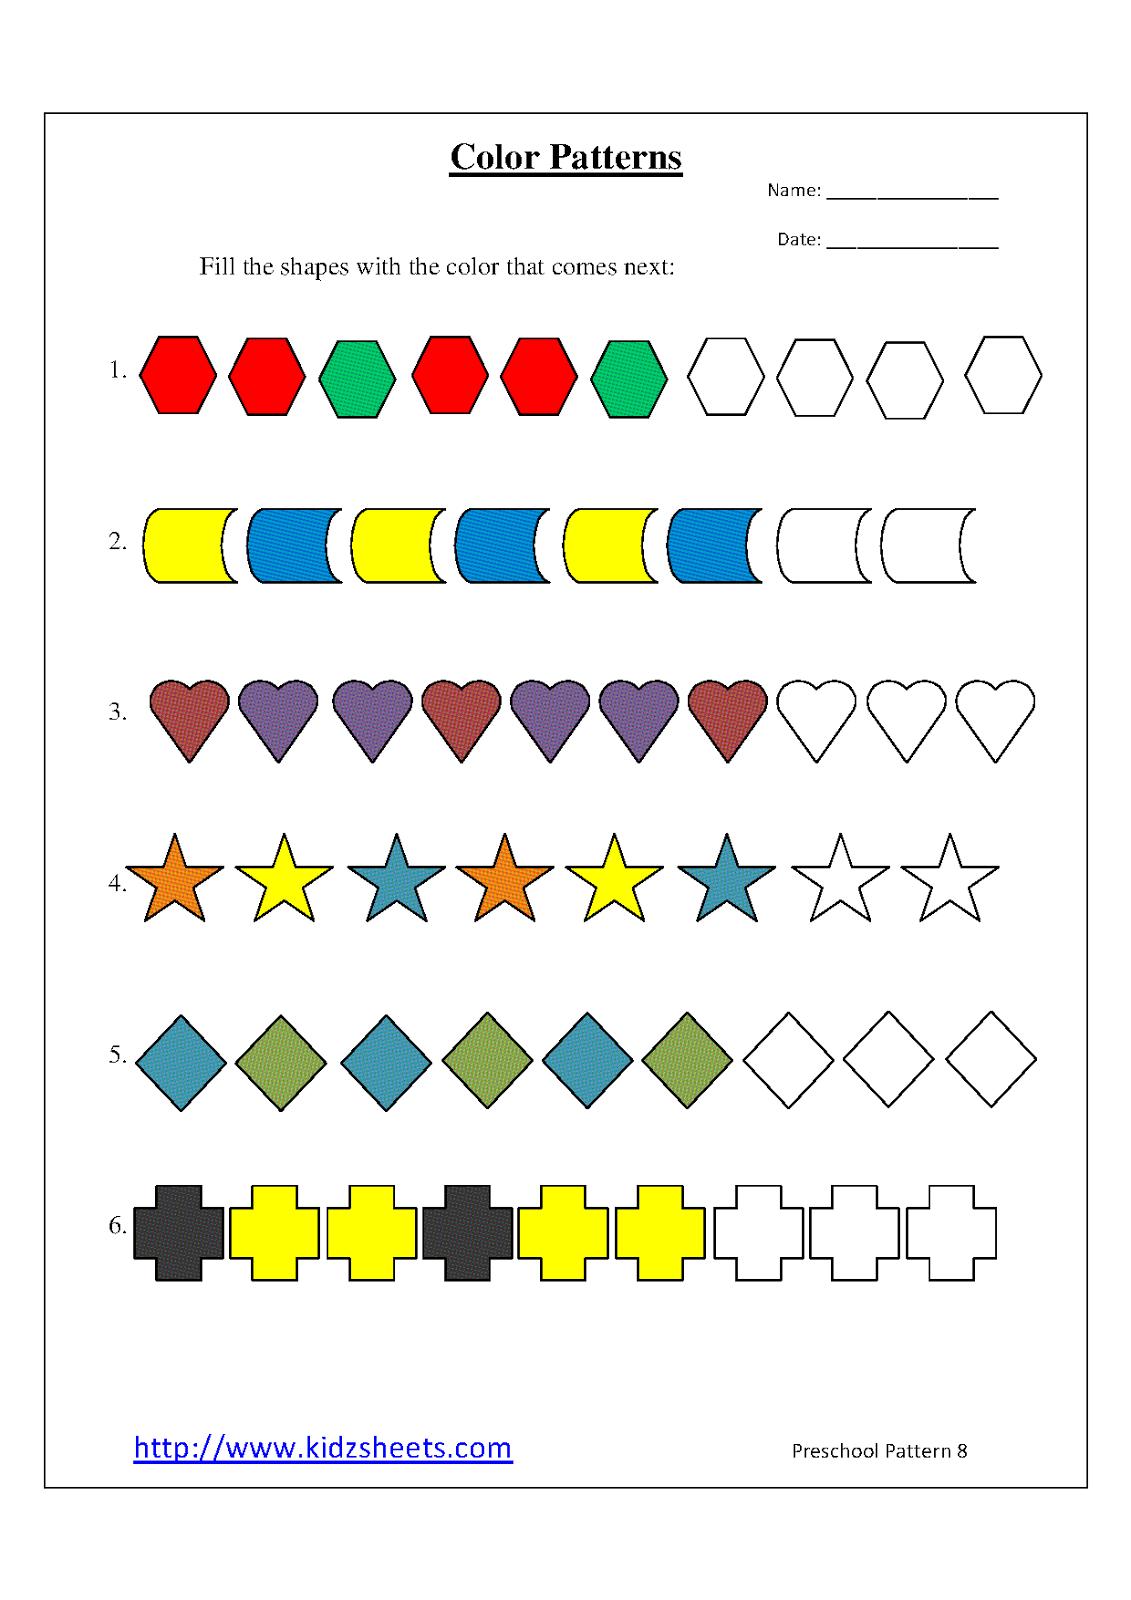 Kidz Worksheets  Preschool Color Patterns Worksheet8